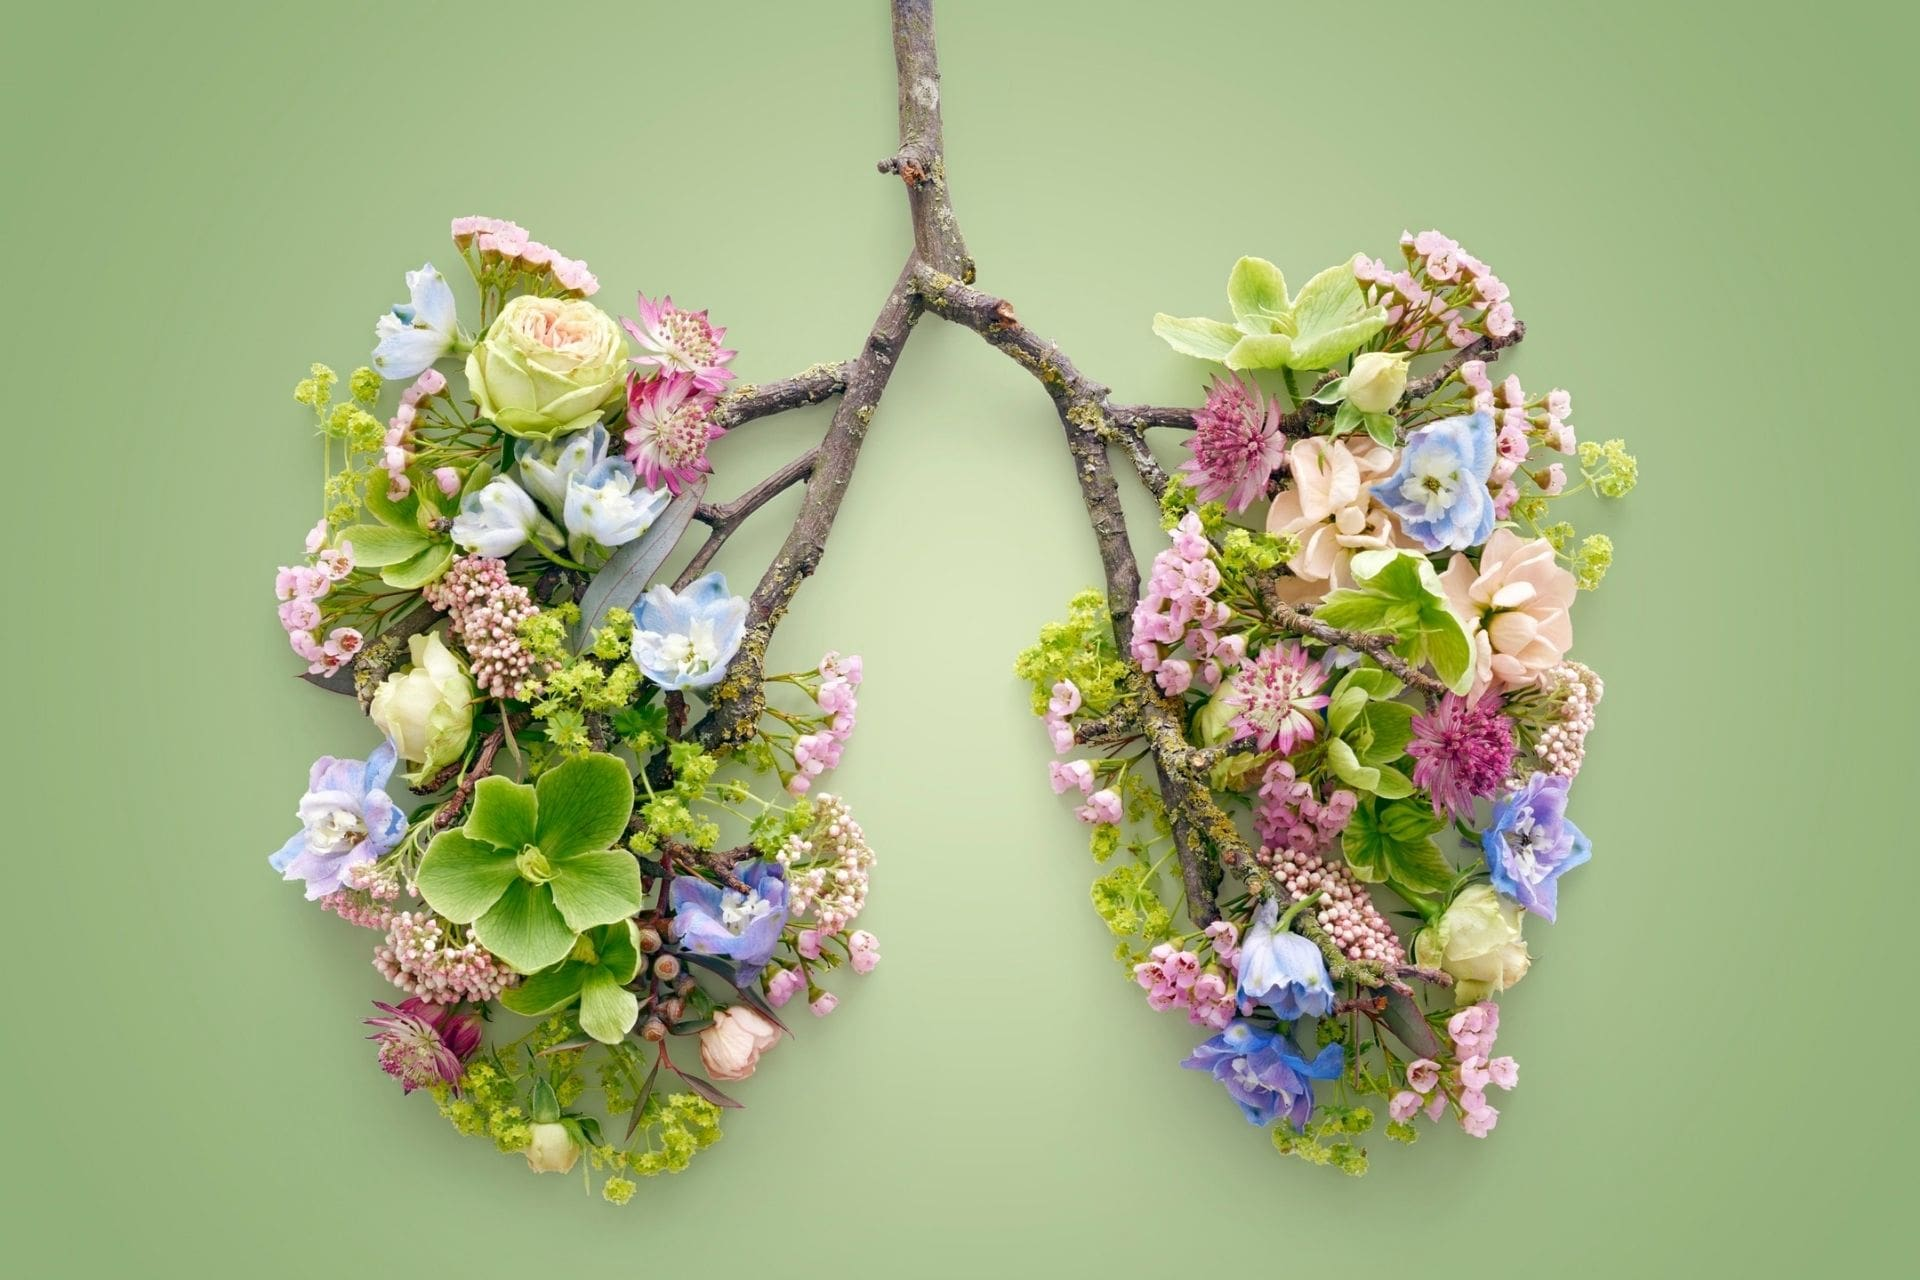 La importancia de una buena respiración para vencer el estrés